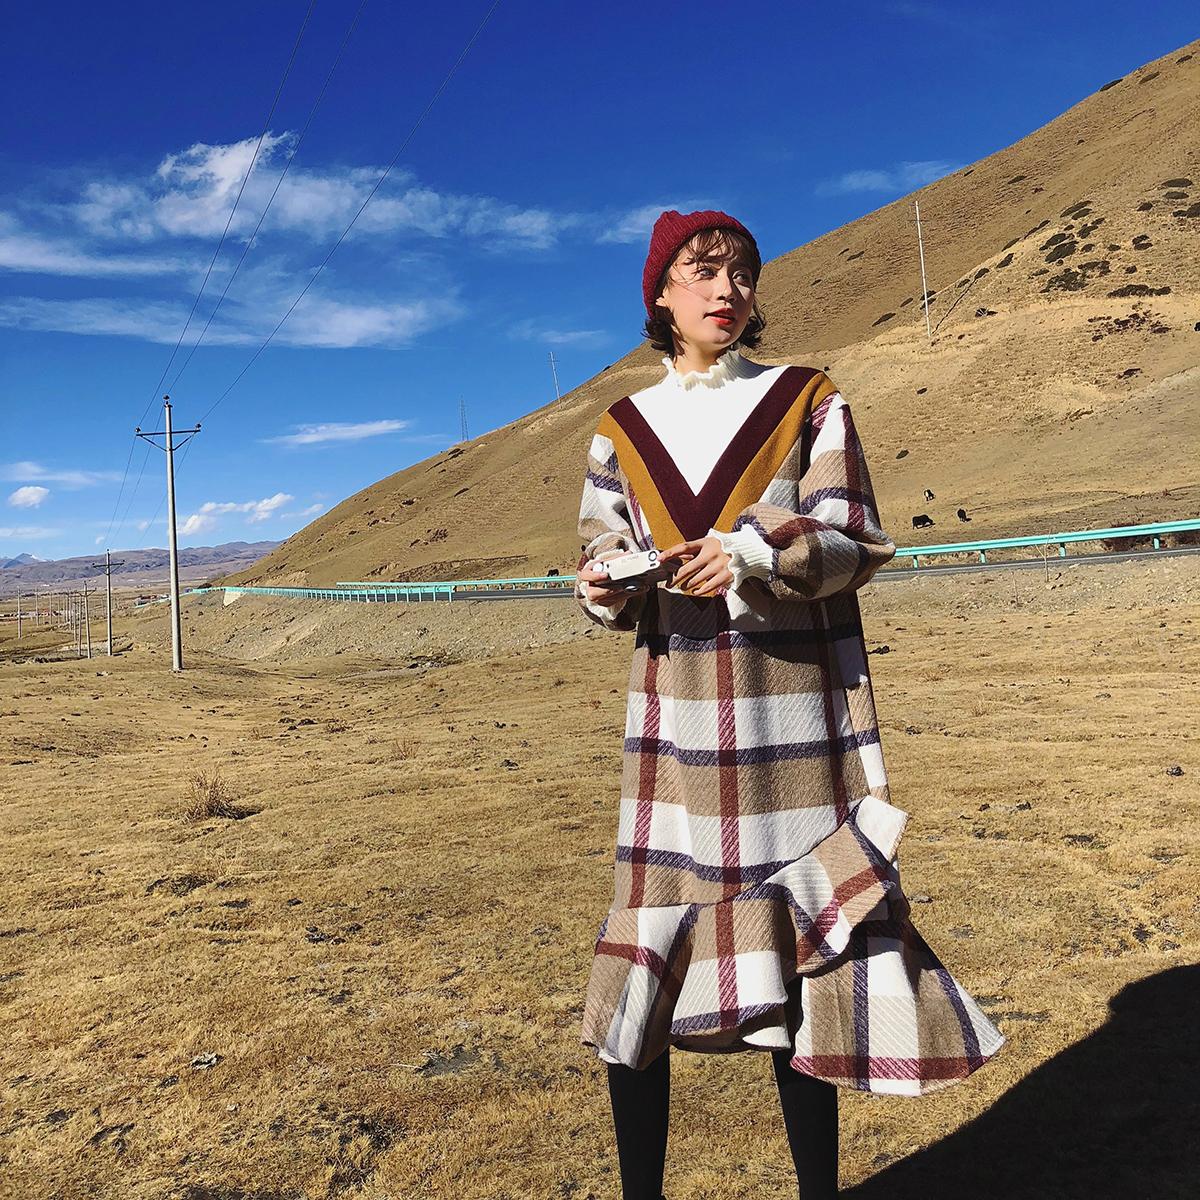 女装冬装2017新款裙子潮格子拼接宽松假两件半高领毛呢长袖连衣裙